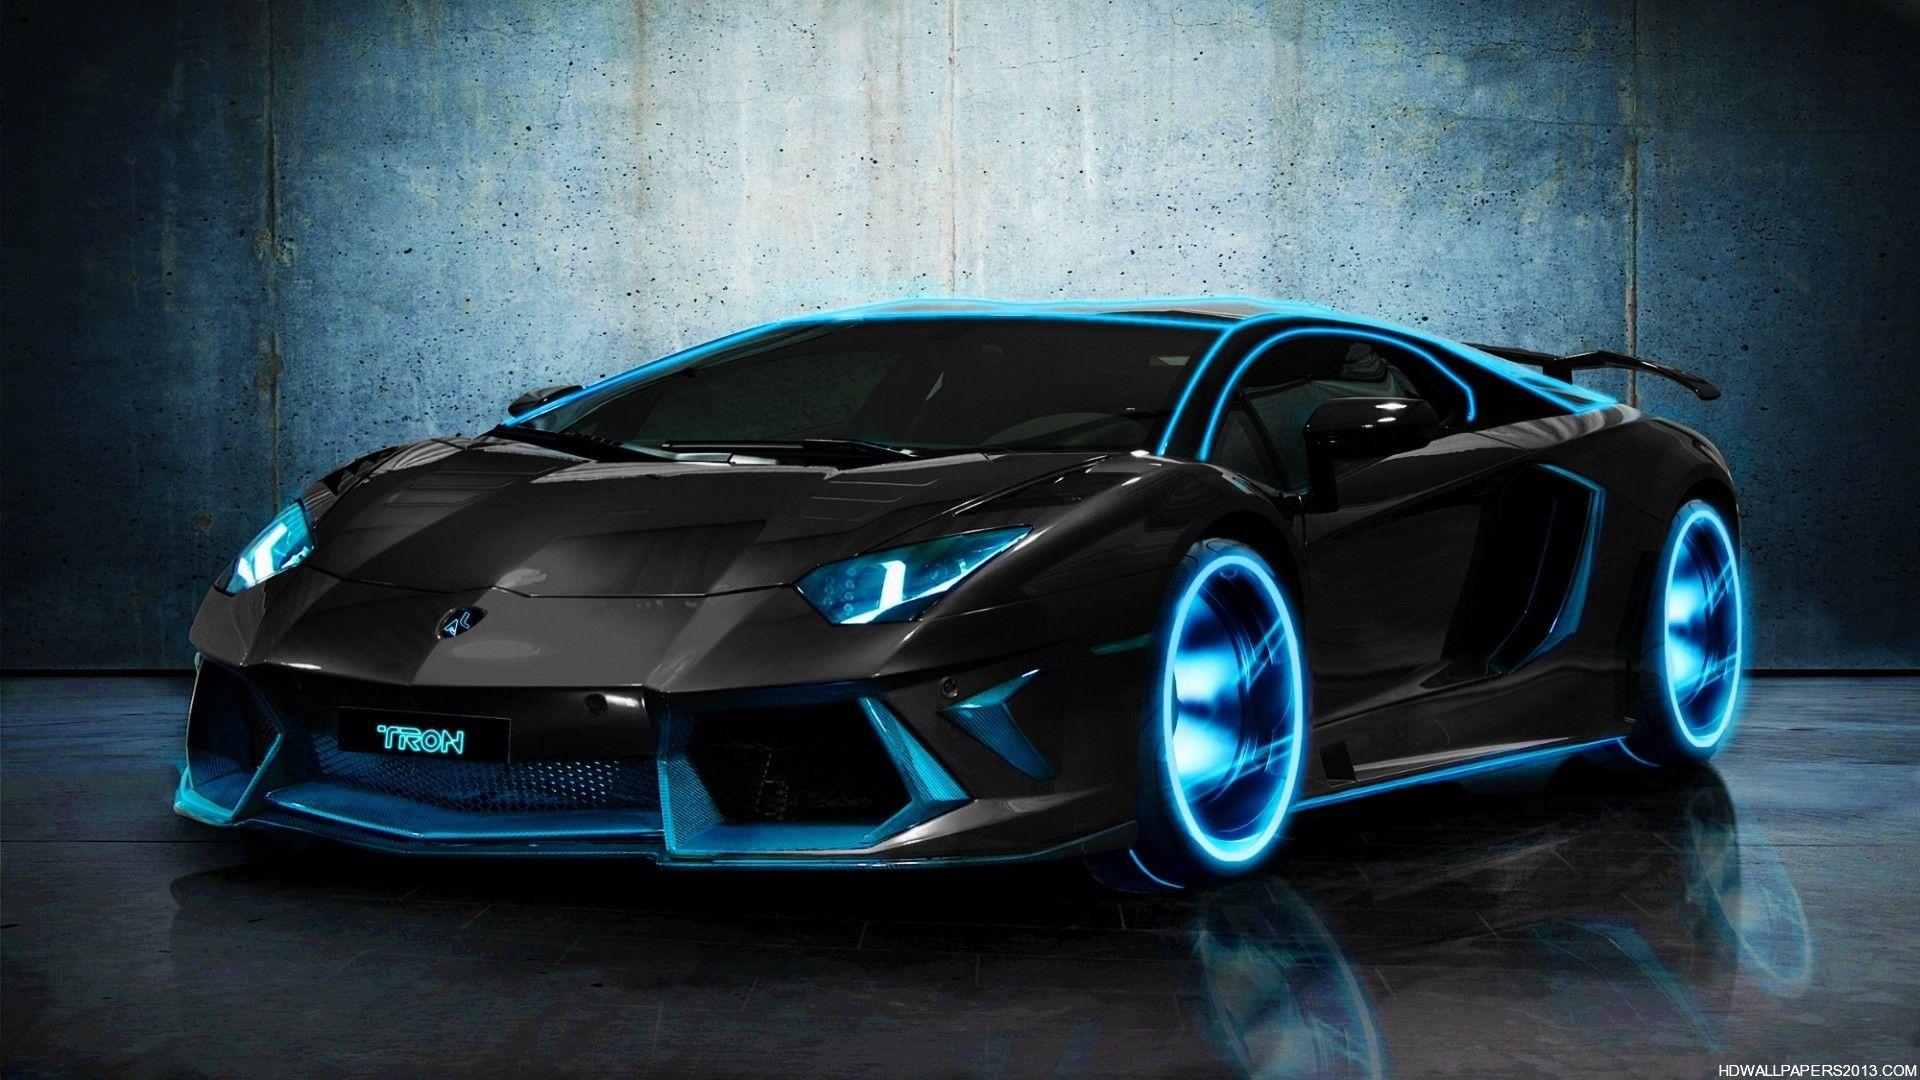 Badass Car With Images Lamborghini Cars Car Hd Lamborghini